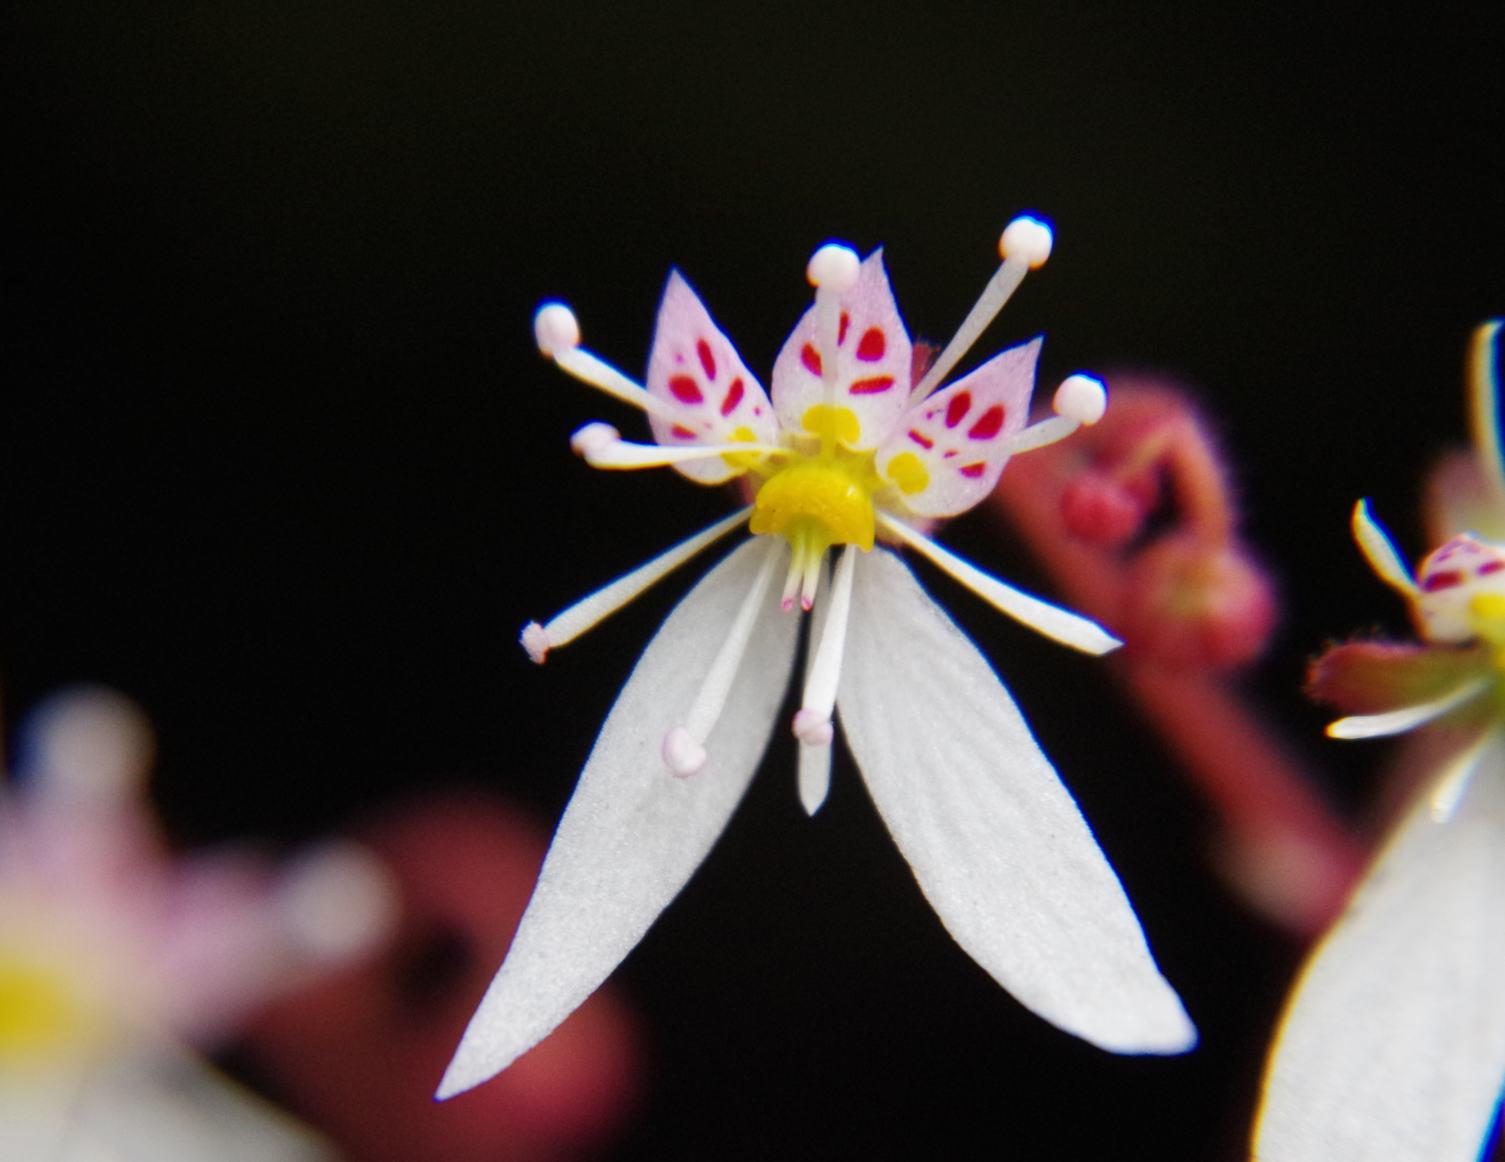 ユキノシタの画像 p1_4